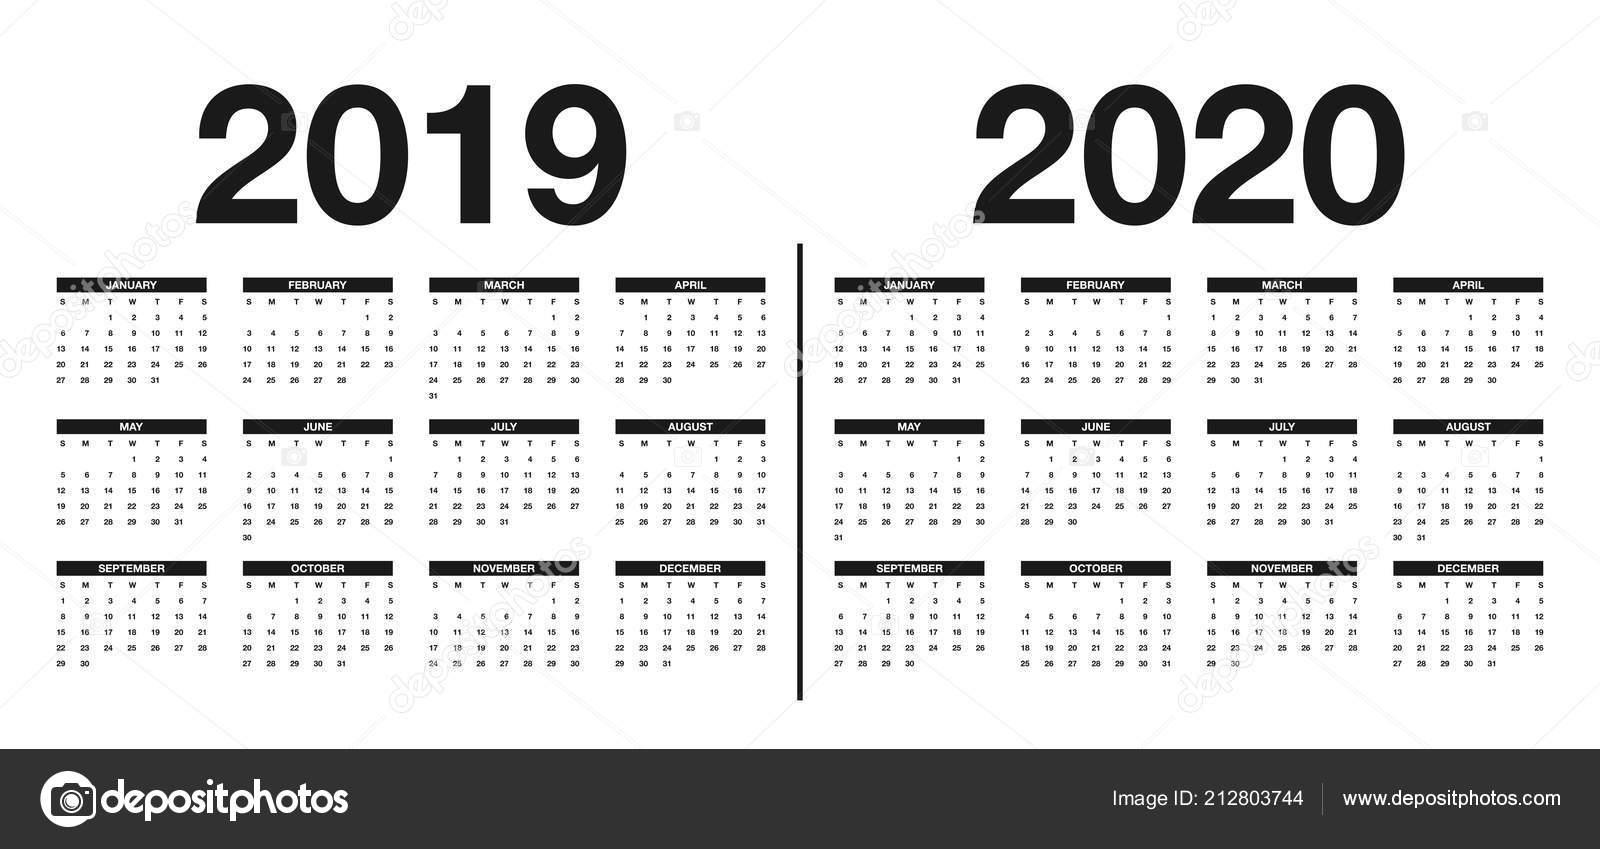 kalender 2019 2020 sjabloon kalender ontwerp zwarte witte kleuren vector stockvector. Black Bedroom Furniture Sets. Home Design Ideas